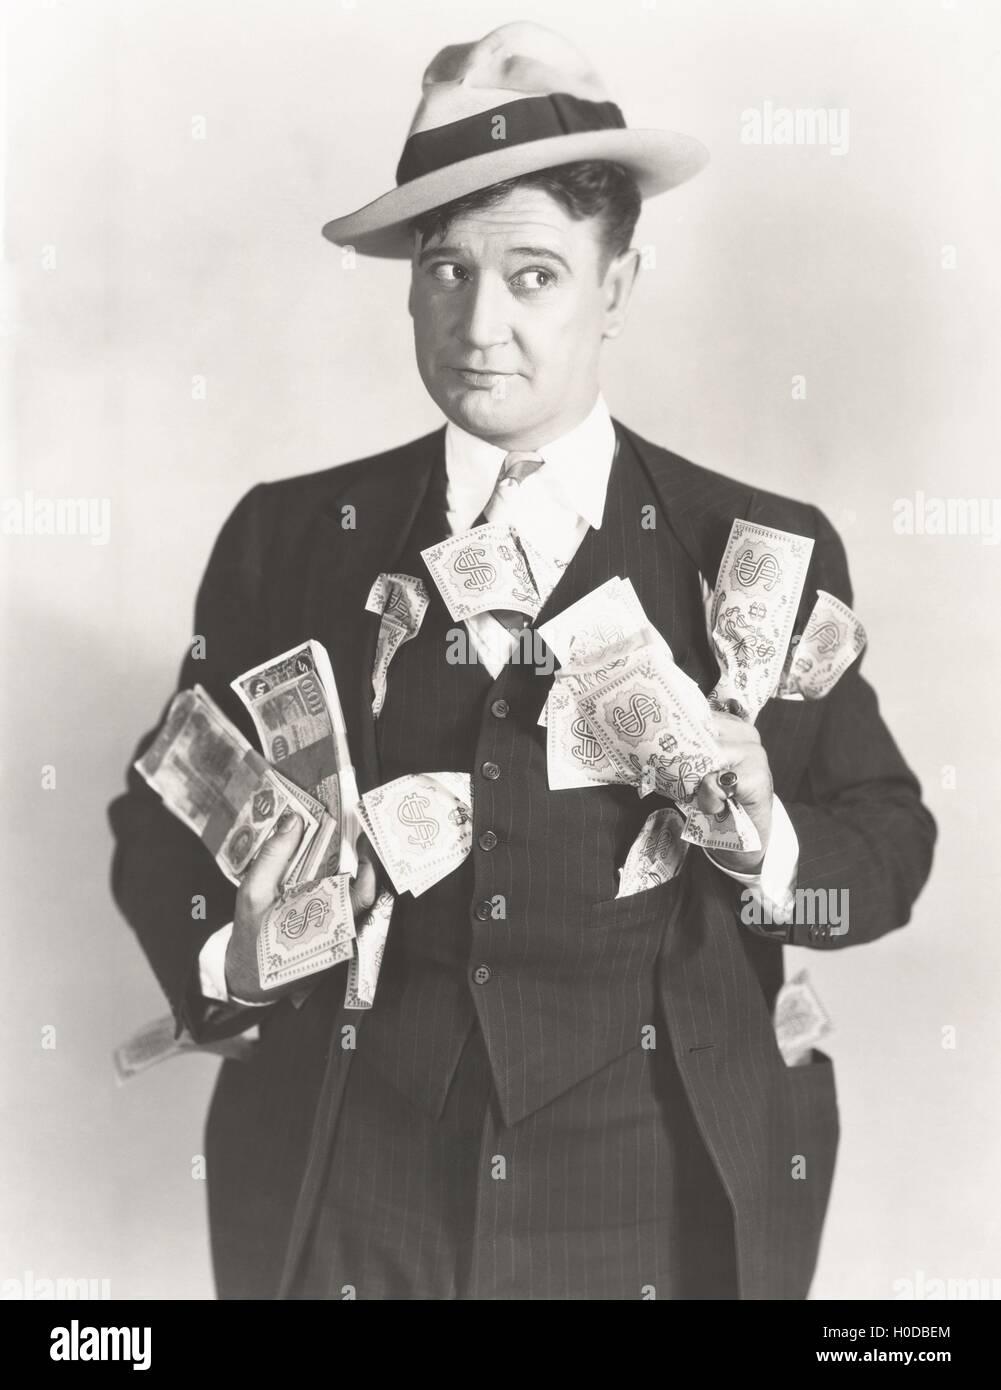 Man holding wads of fake money - Stock Image